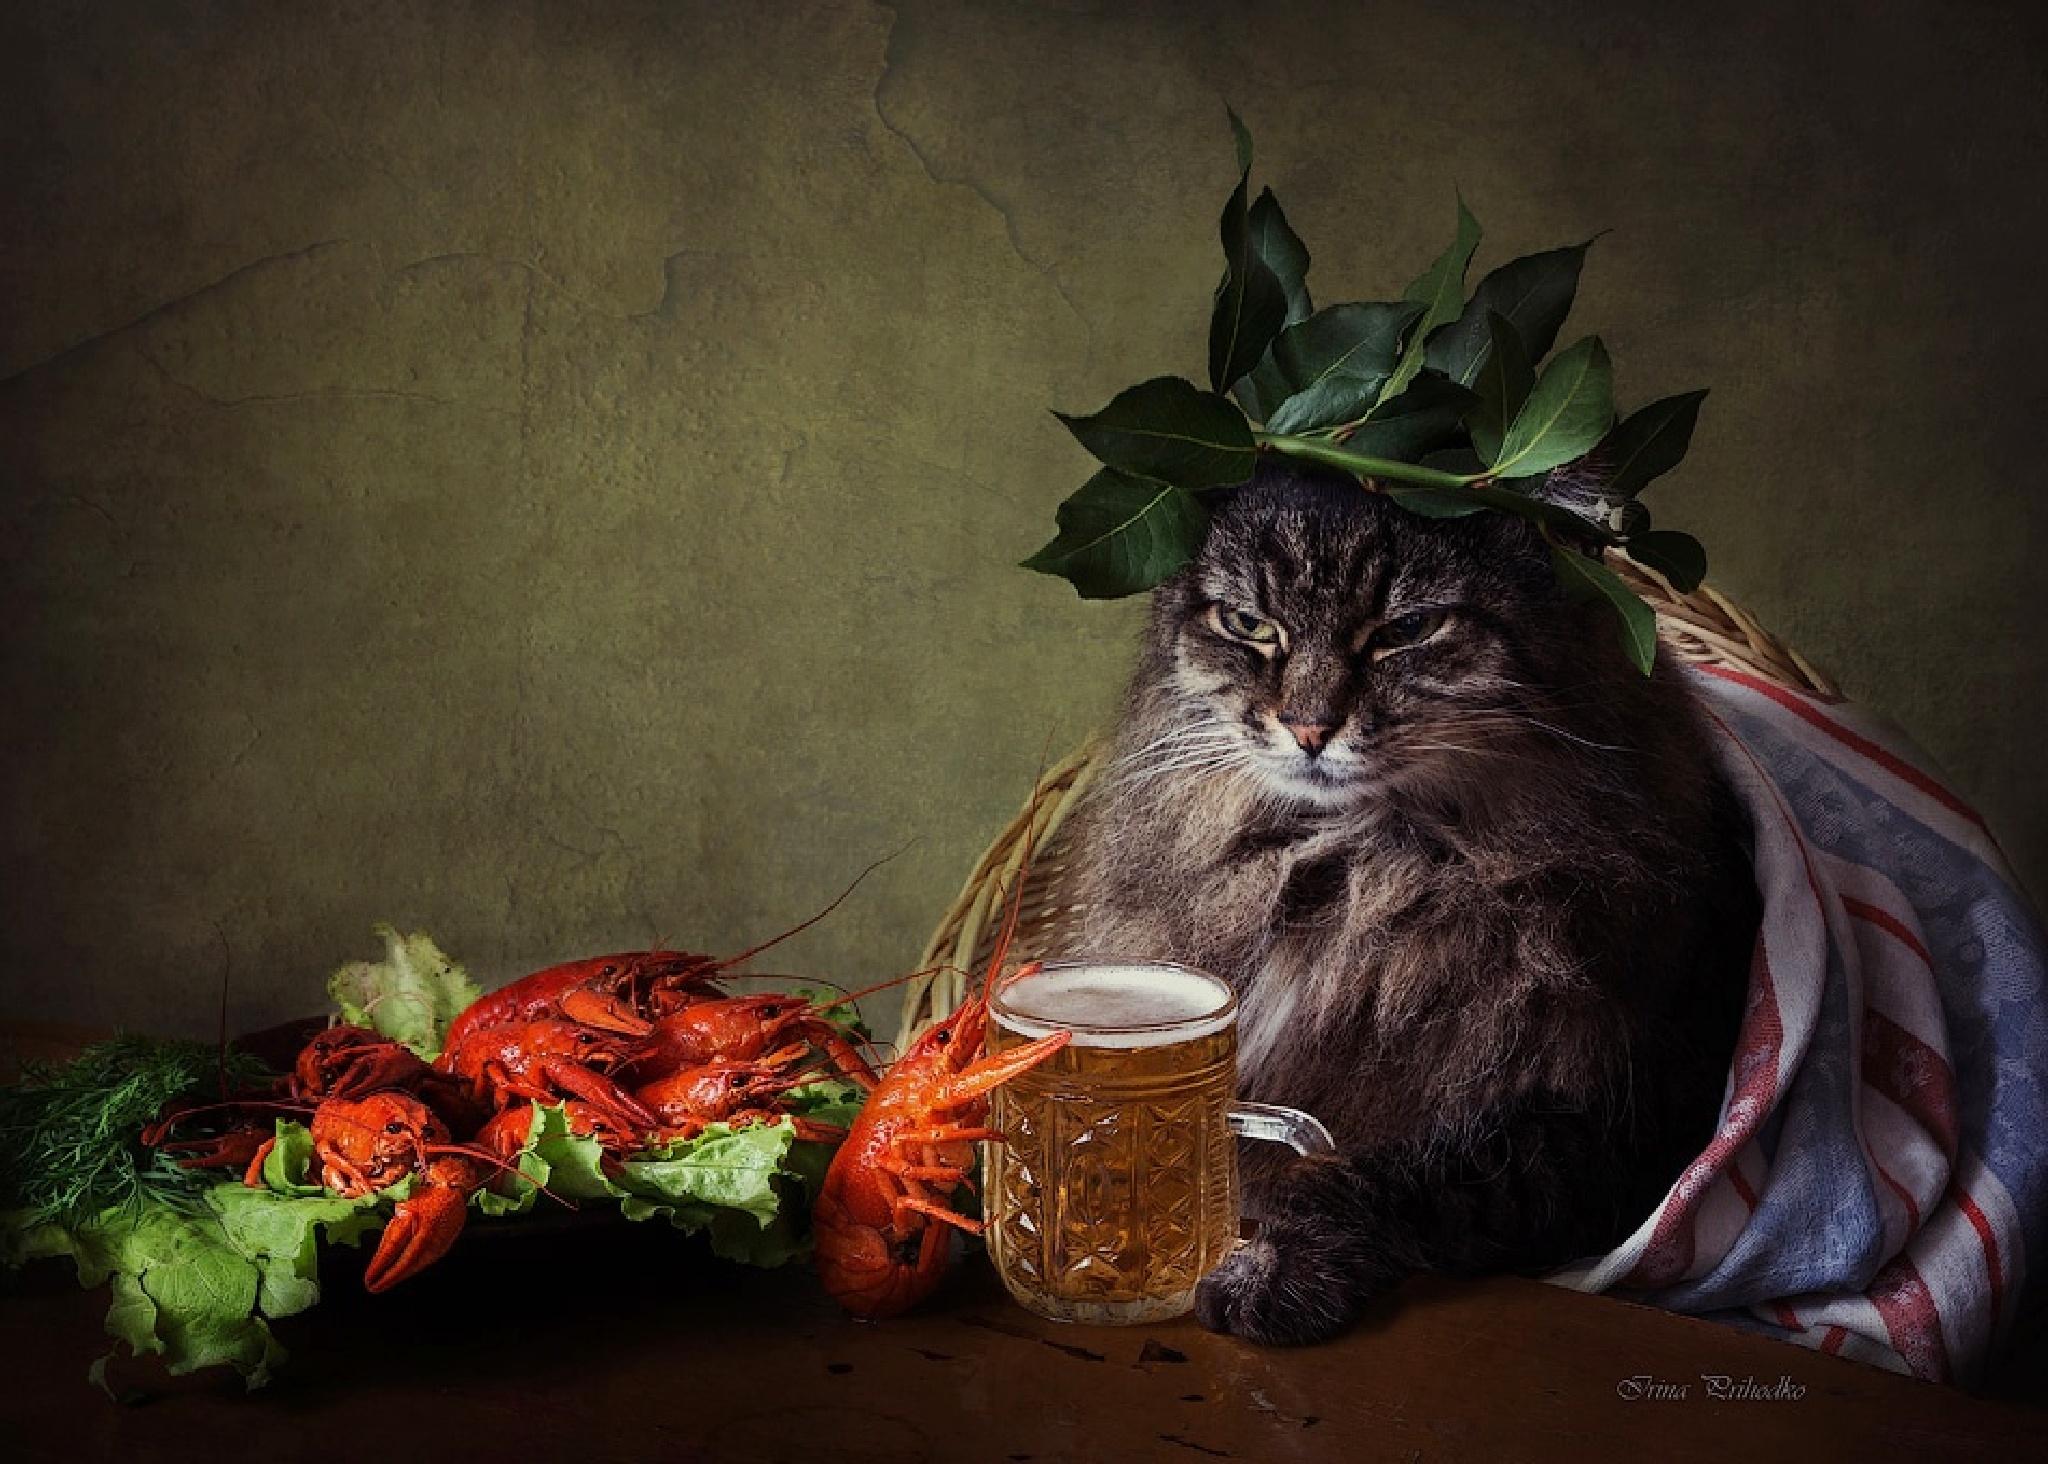 Life is good! by Prikhodko Irina